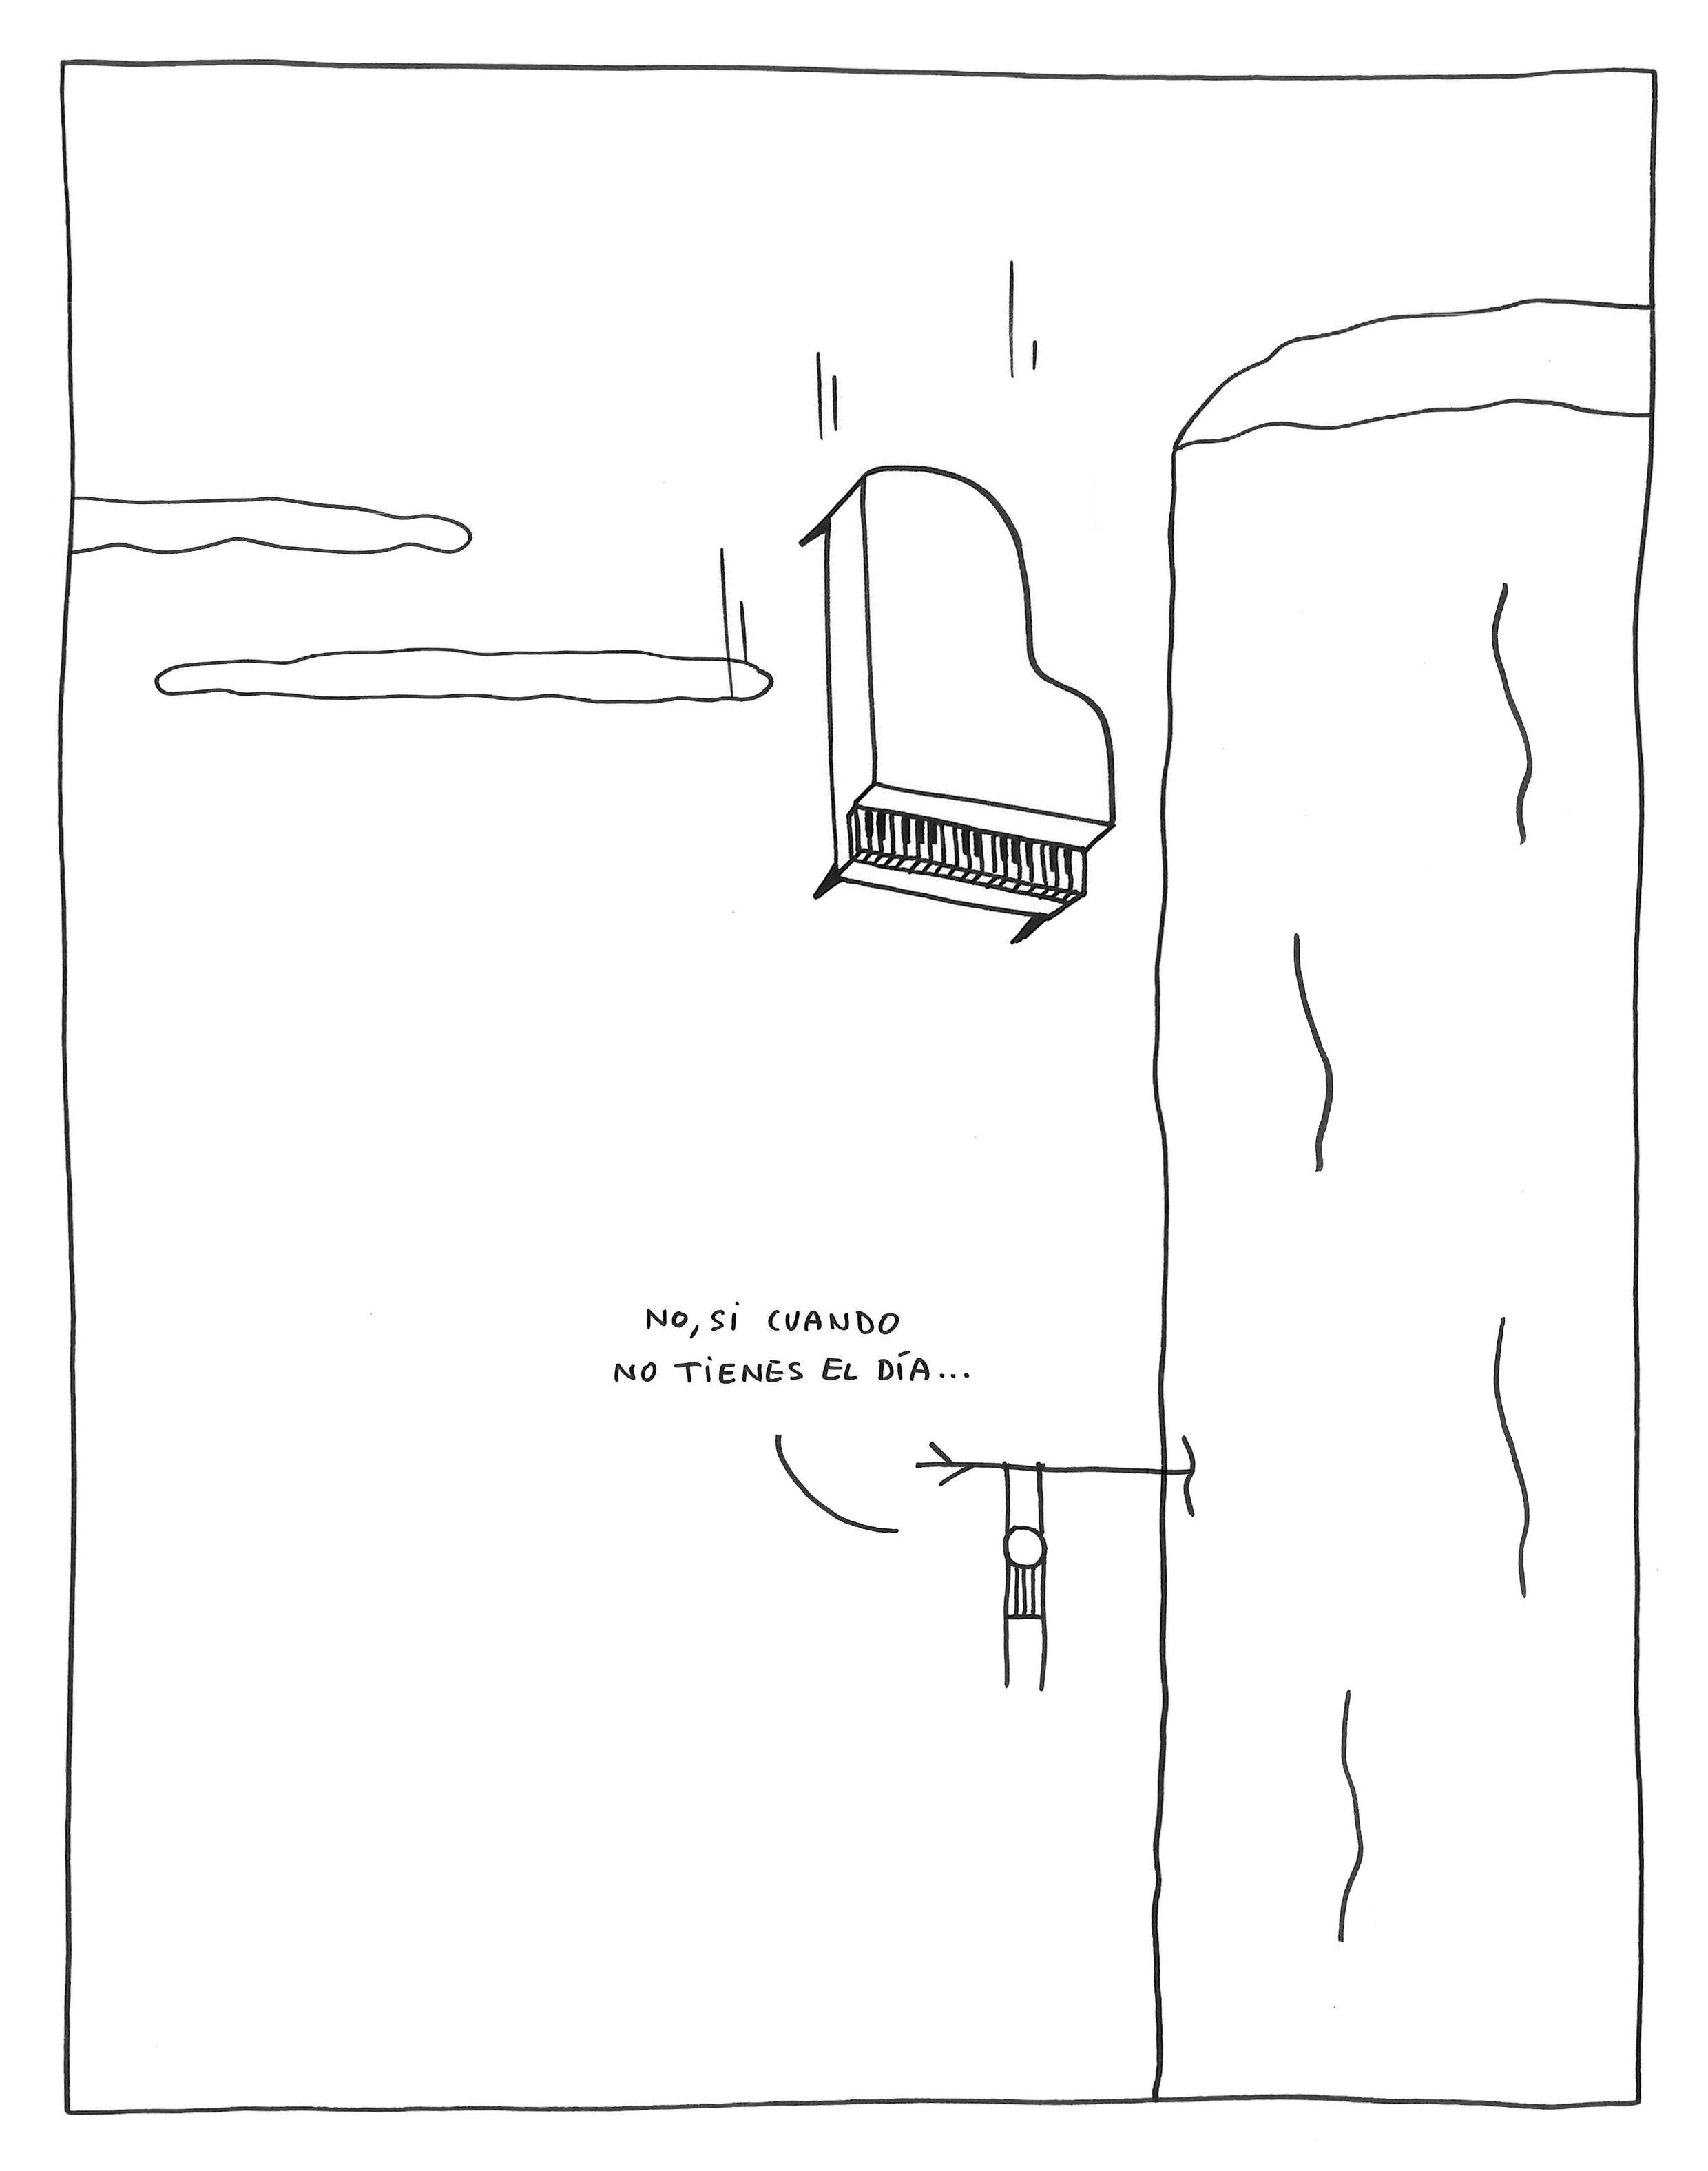 'Sujetos_': Cuando el estar al borde de la muerte no es lo más preocupante